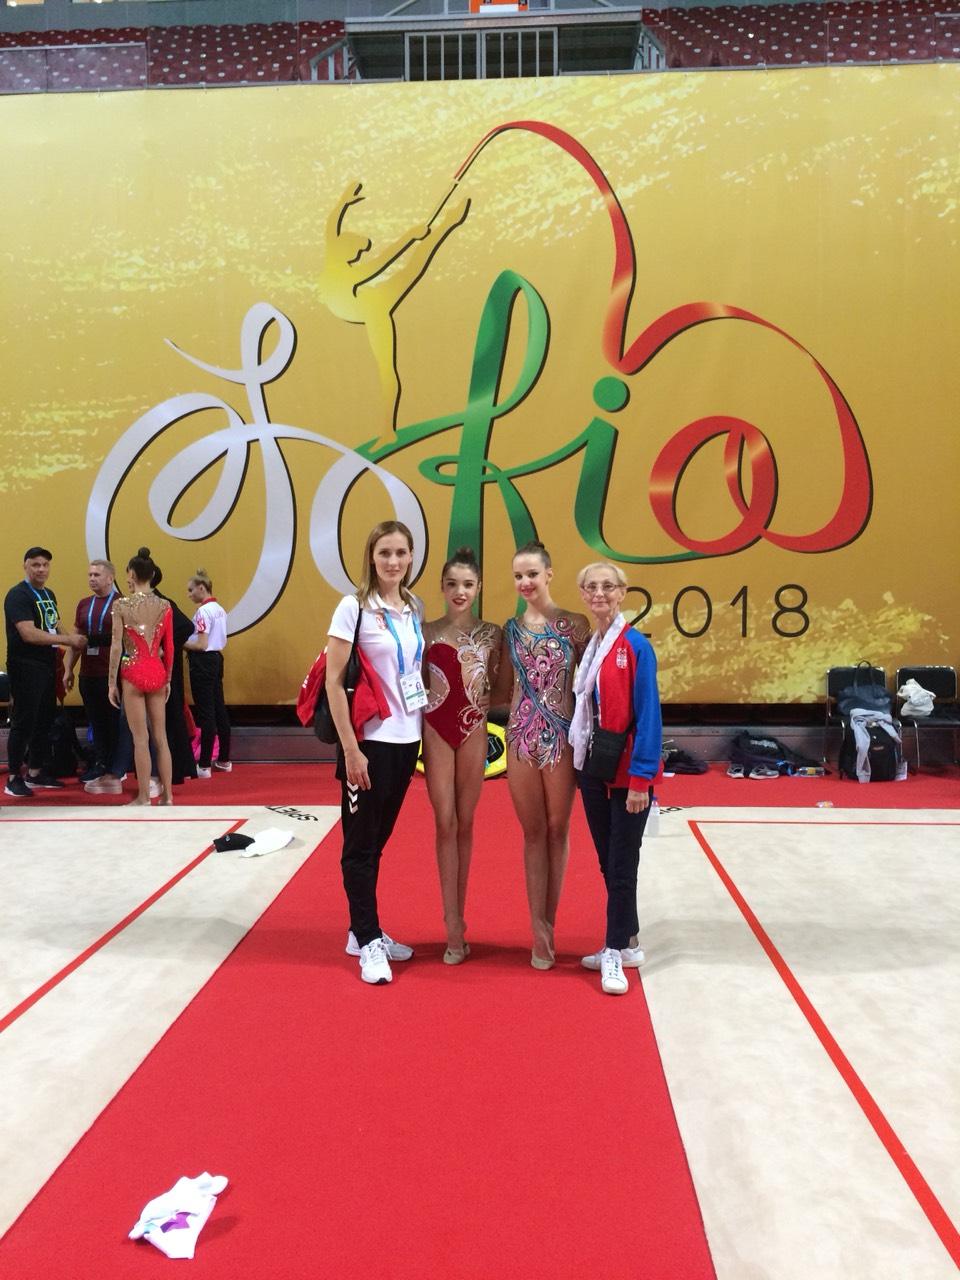 Završeno Prvenstvo sveta 2018 u Ritmičkoj gimnastici